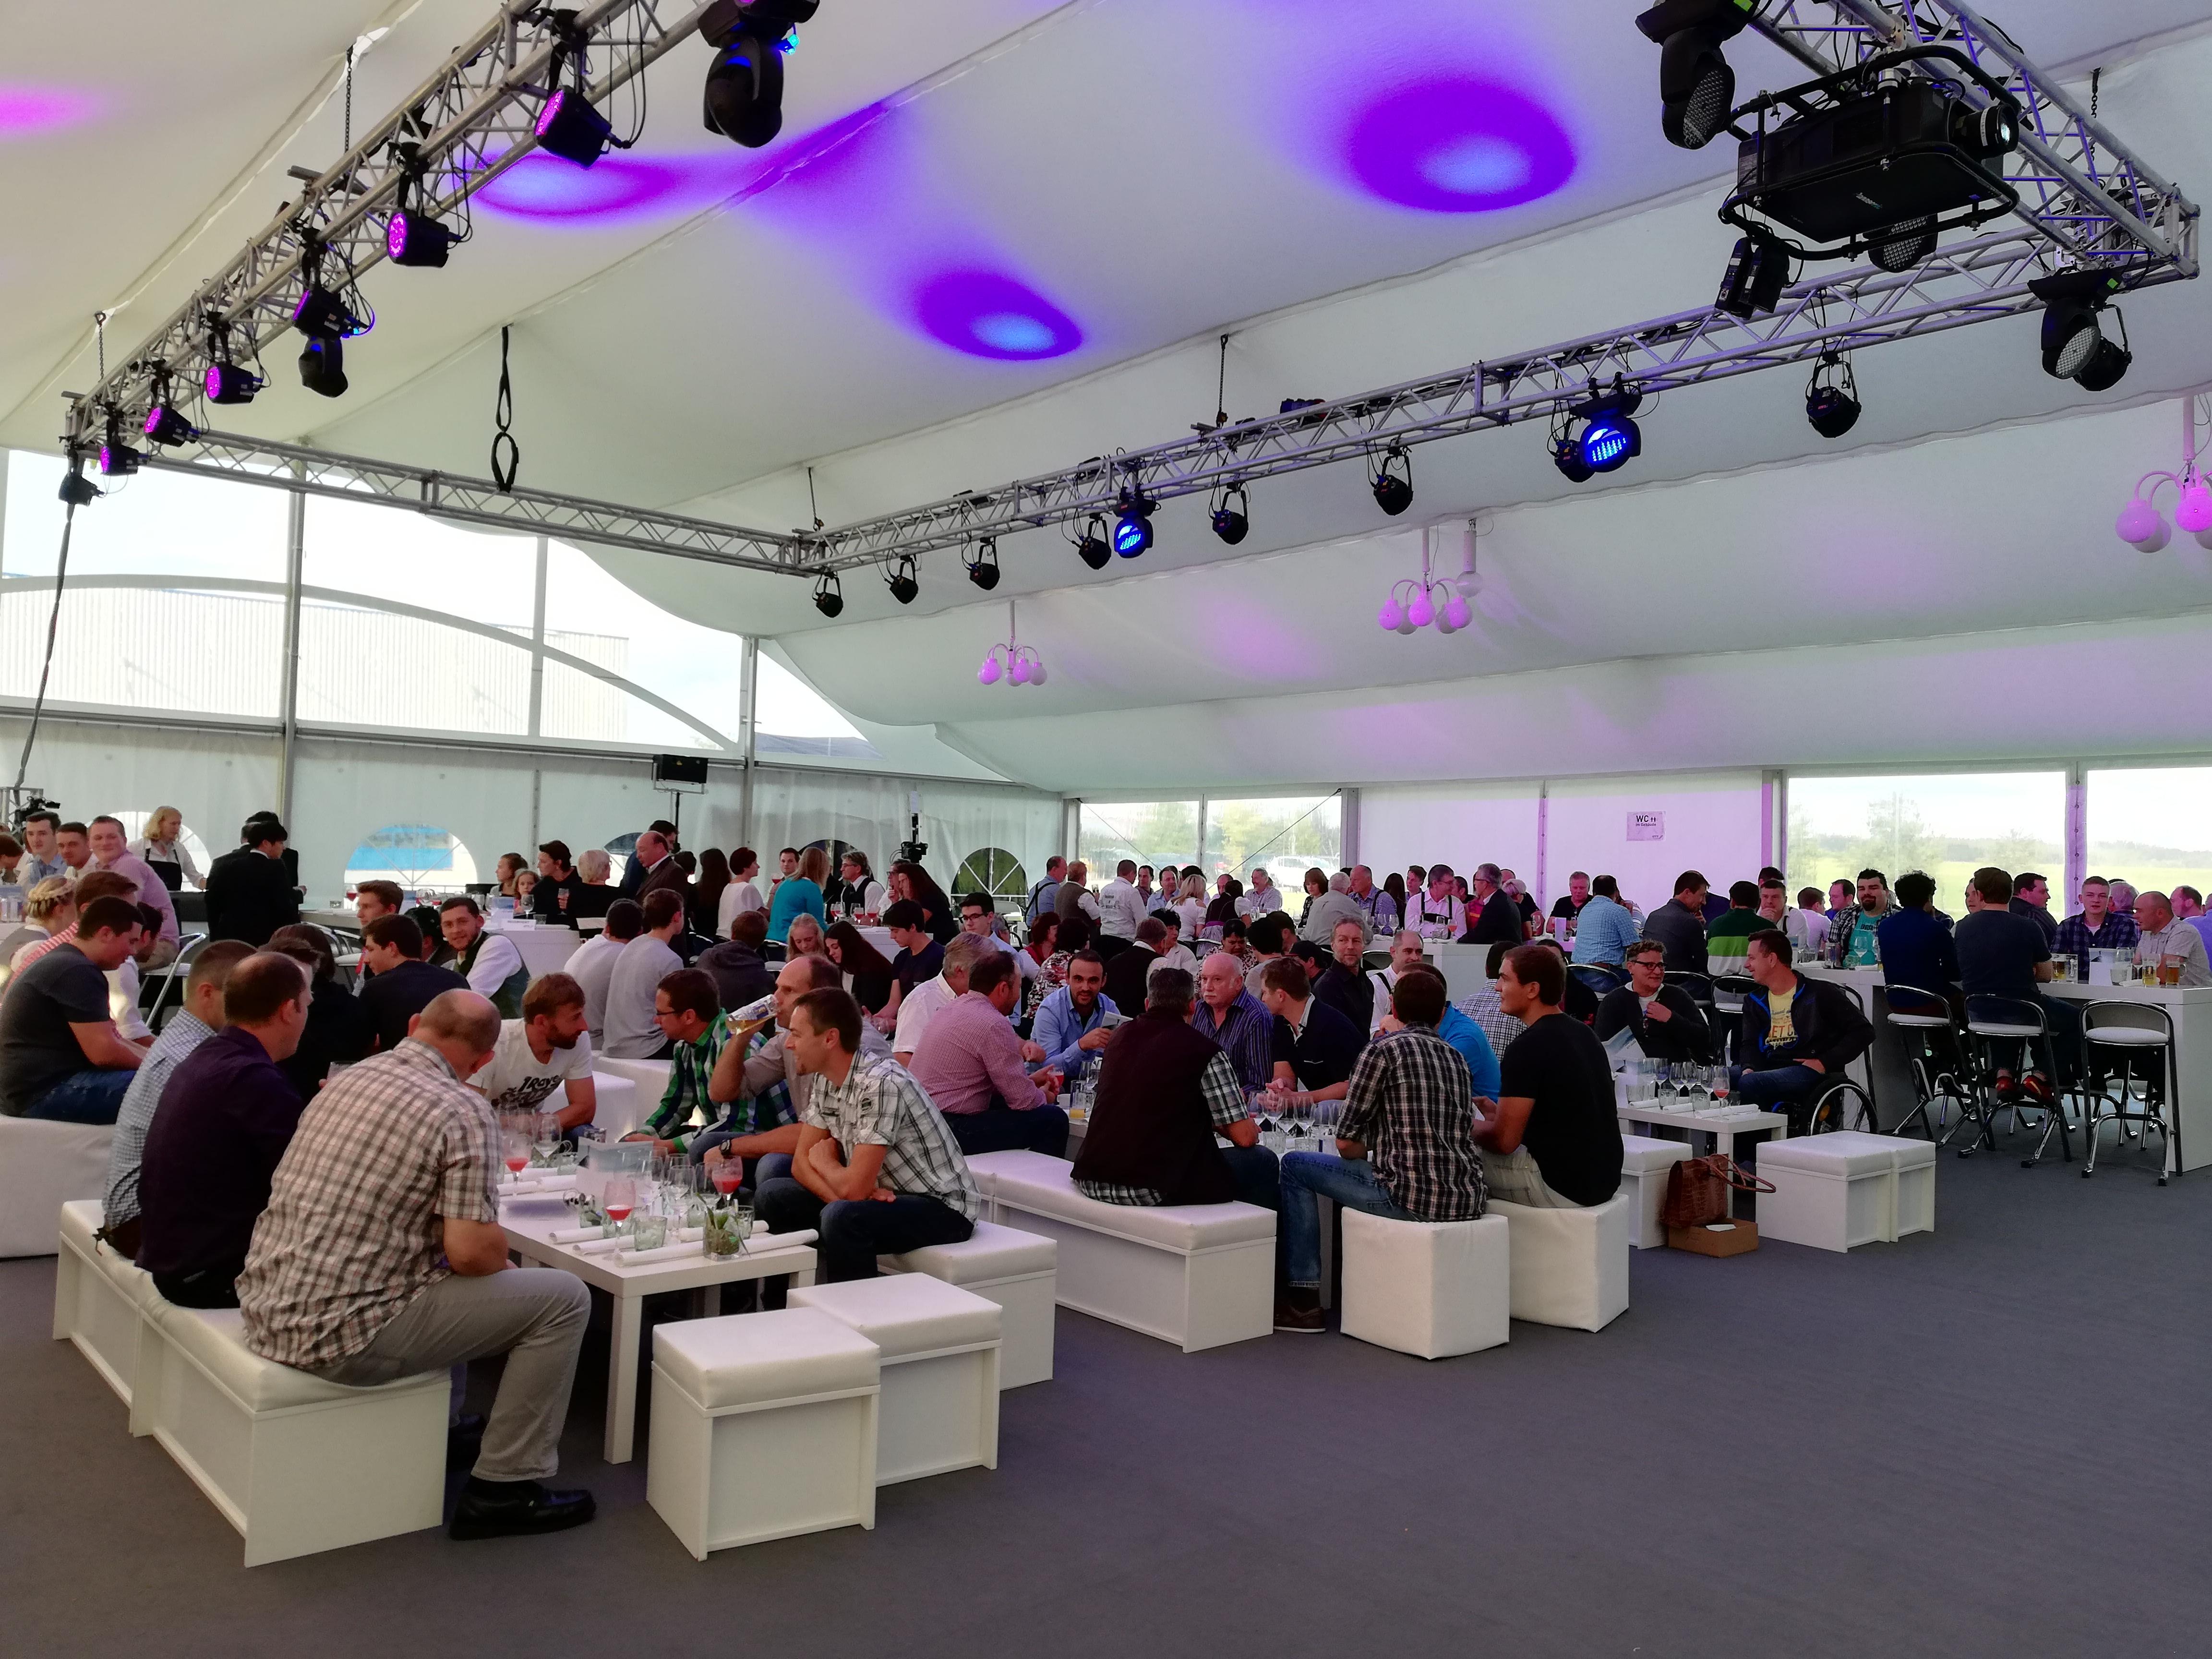 OTT-JAKOB - Unternehmen - Bild - OTT-JAKOB celebrates its 25th anniversary